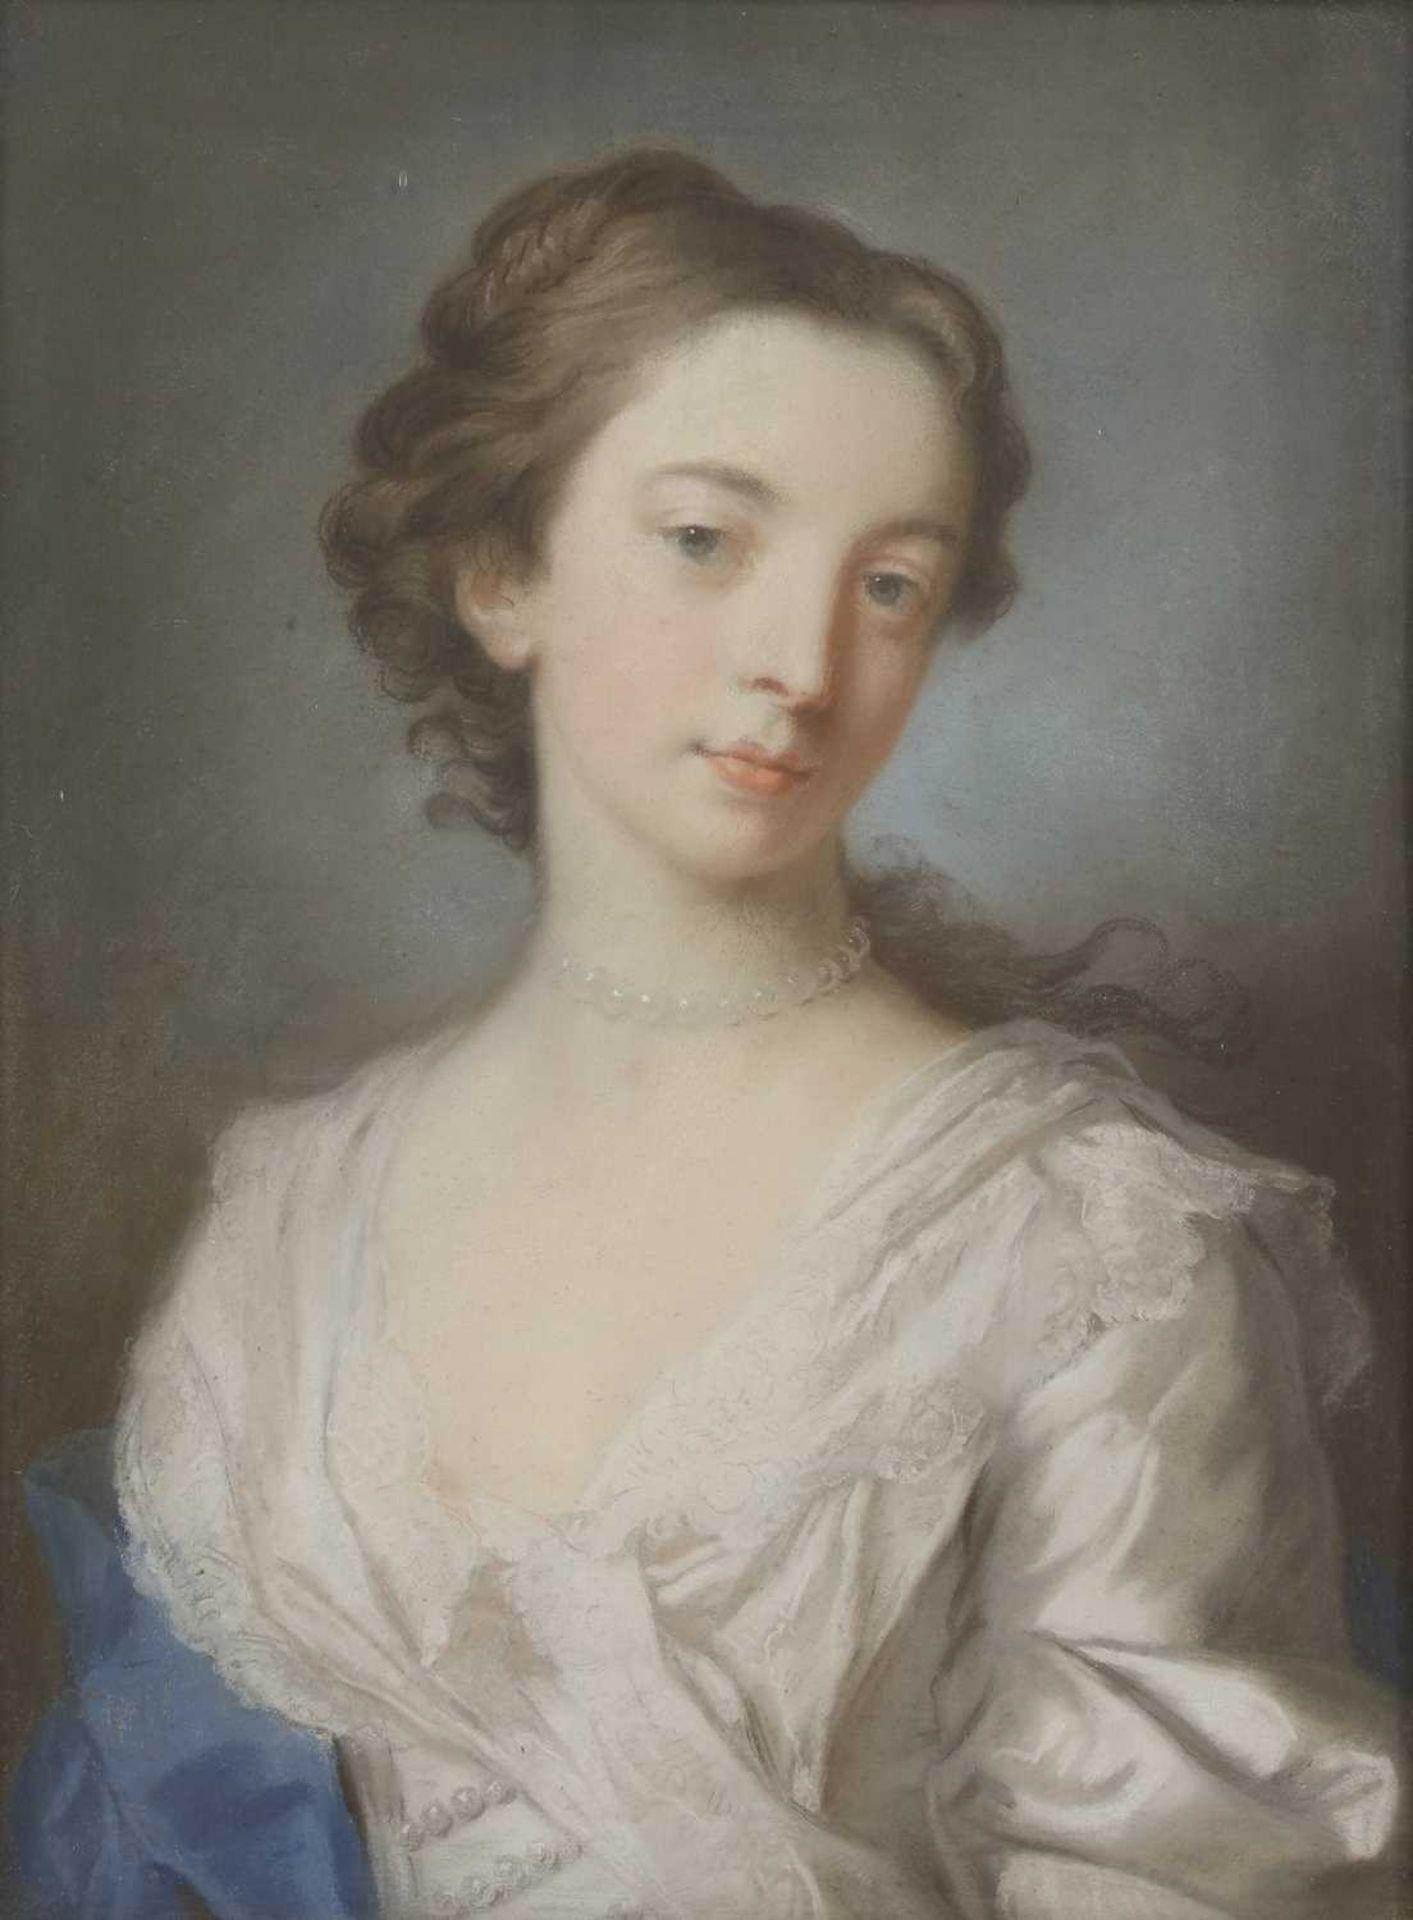 William Hoare of Bath RA (c.1707-1792) - Image 4 of 7